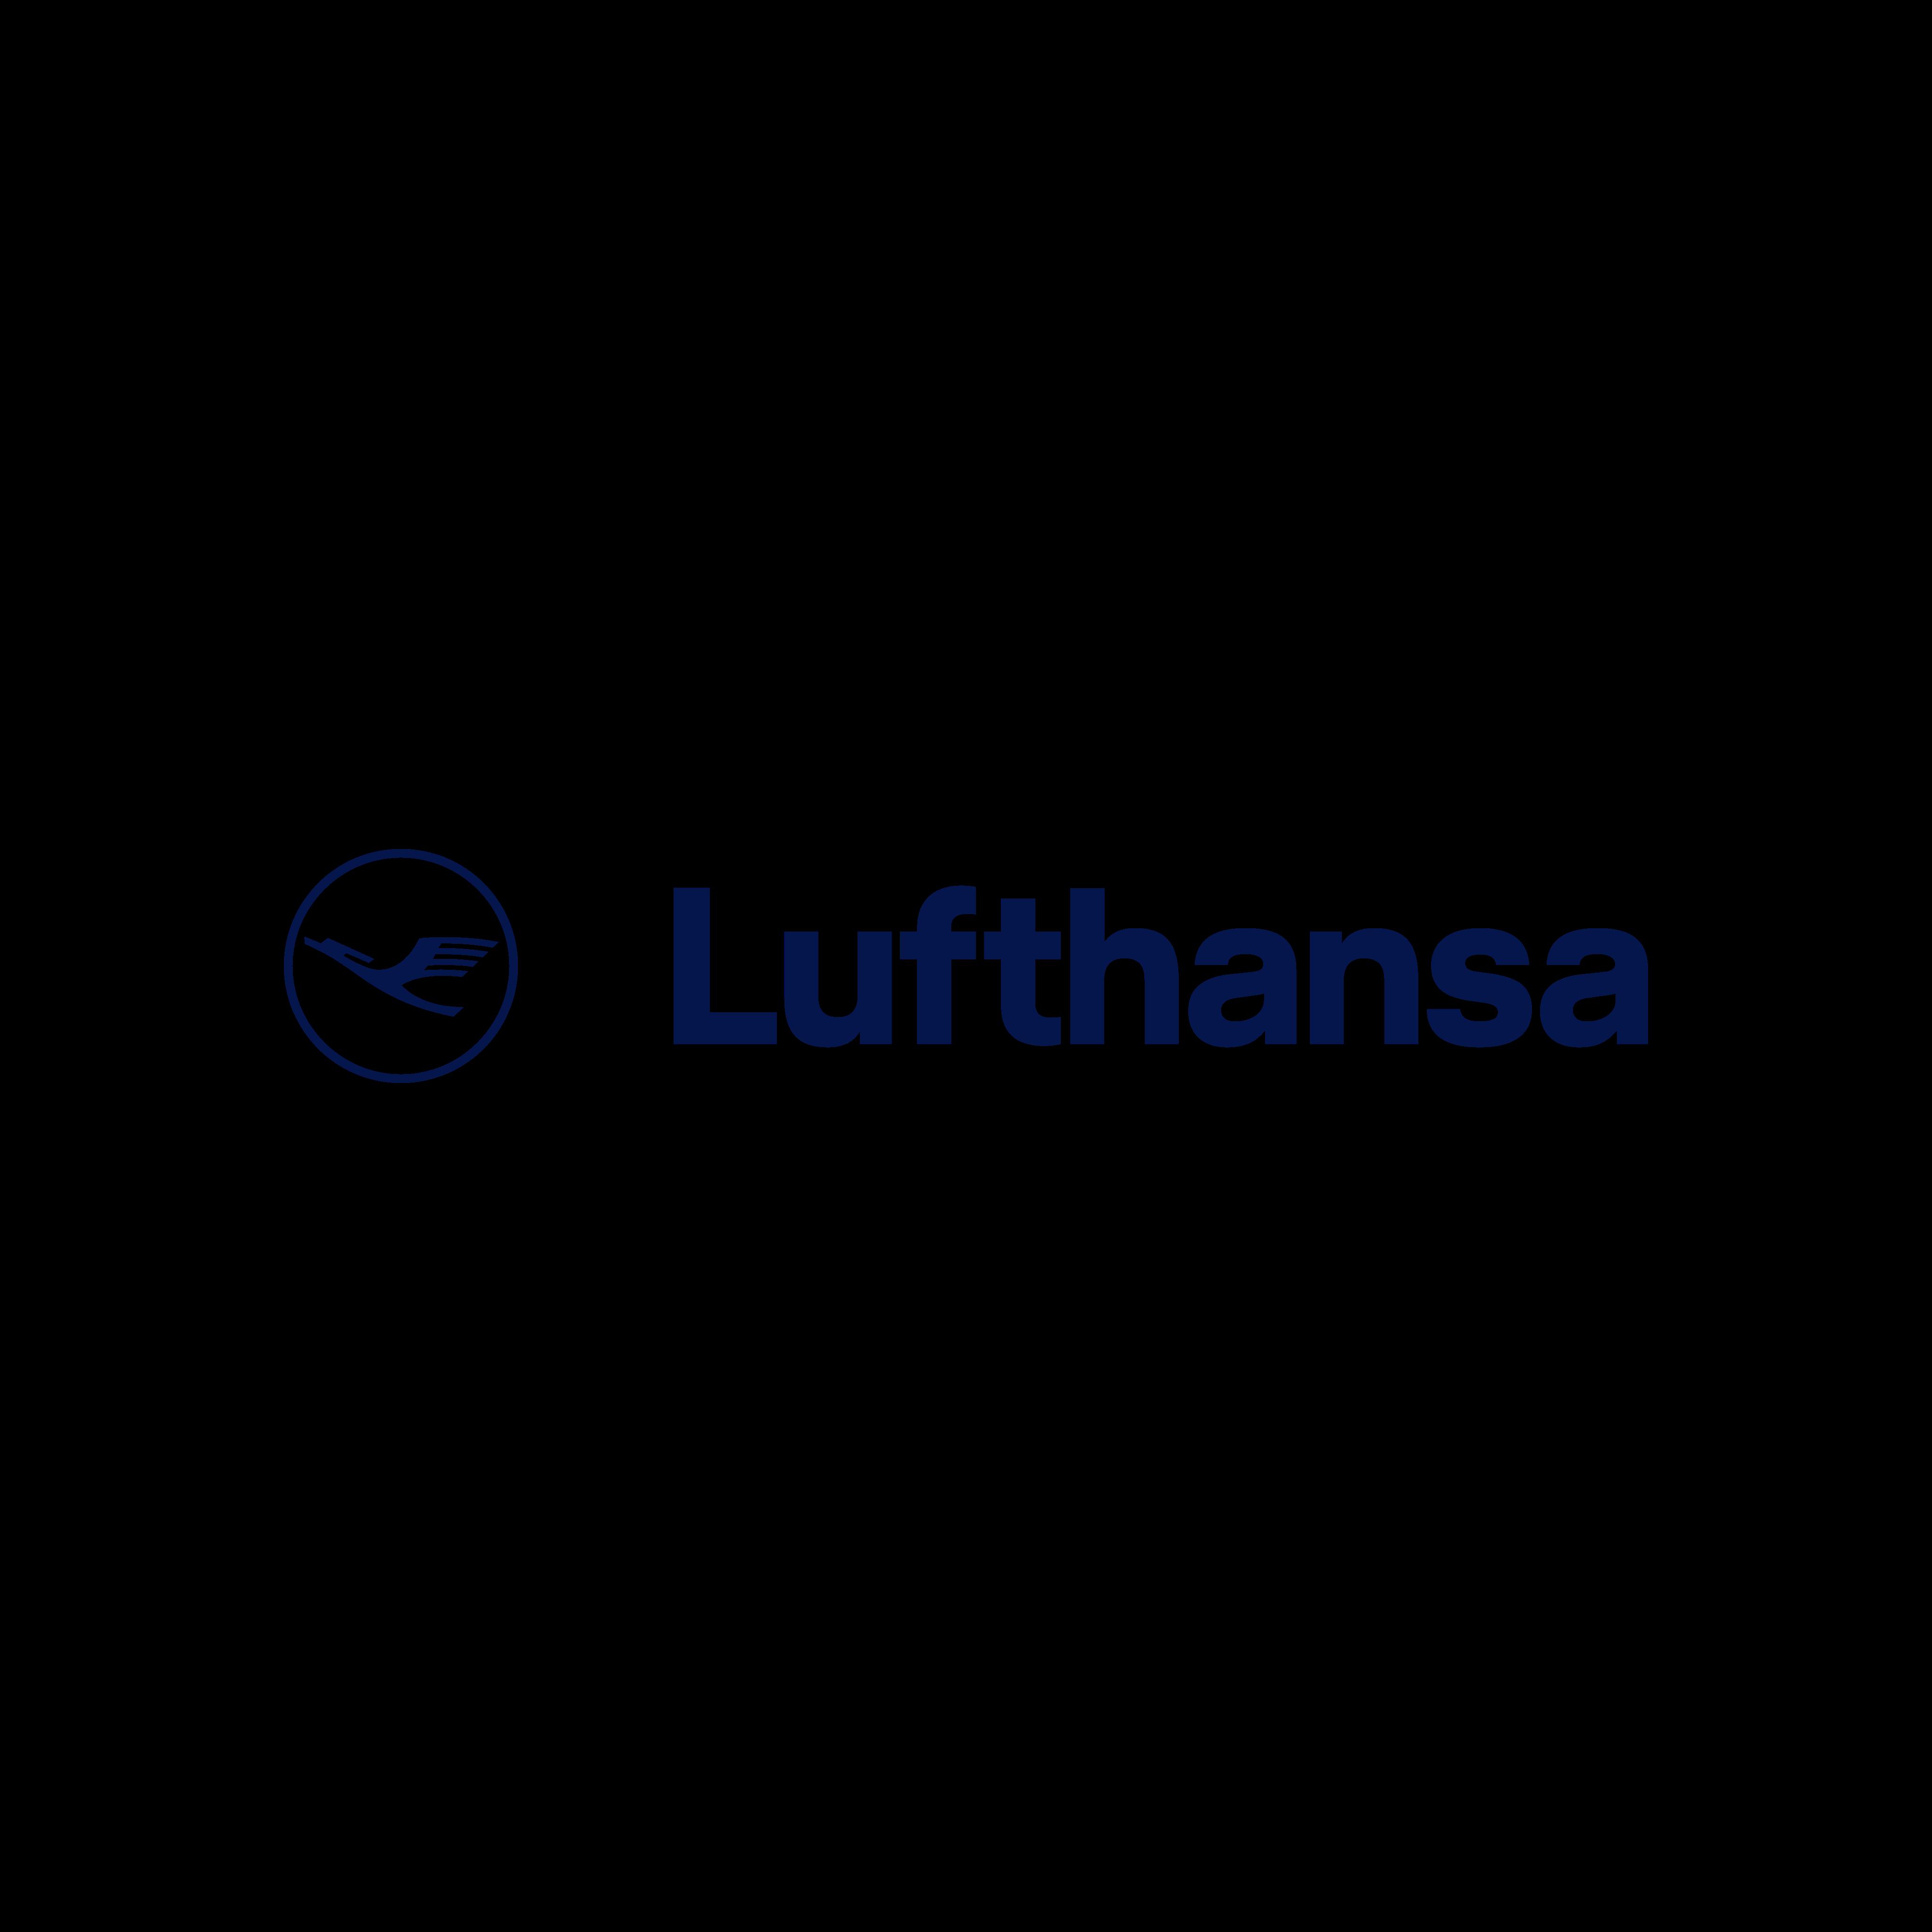 lufthansa logo 0 - Lufthansa Logo